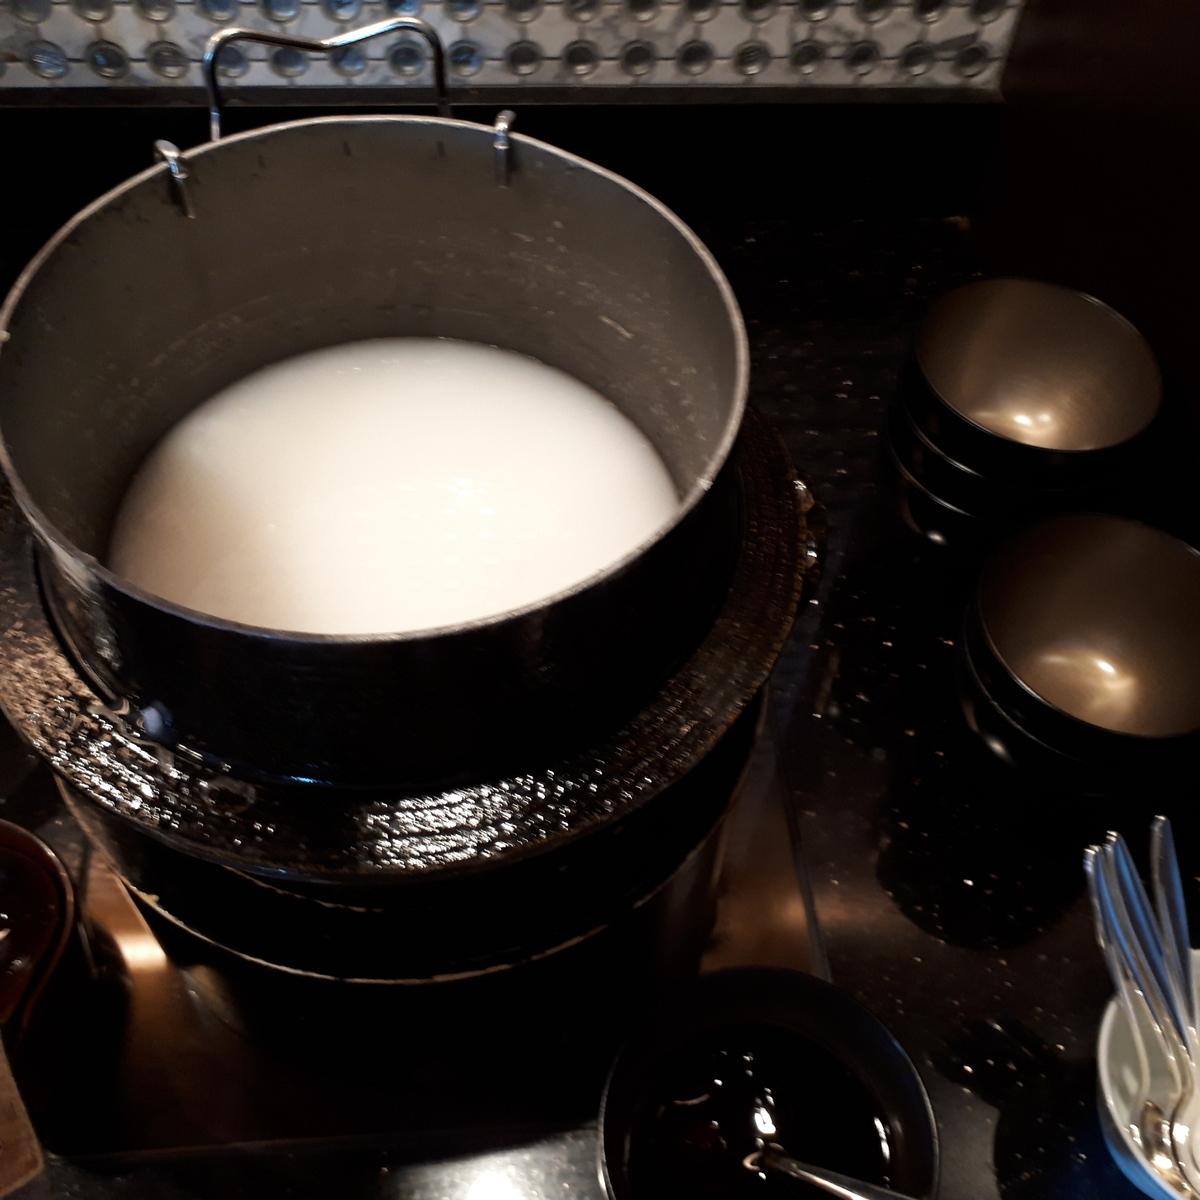 リッツカールトン大阪 クラブラウンジ 朝食 おかゆ